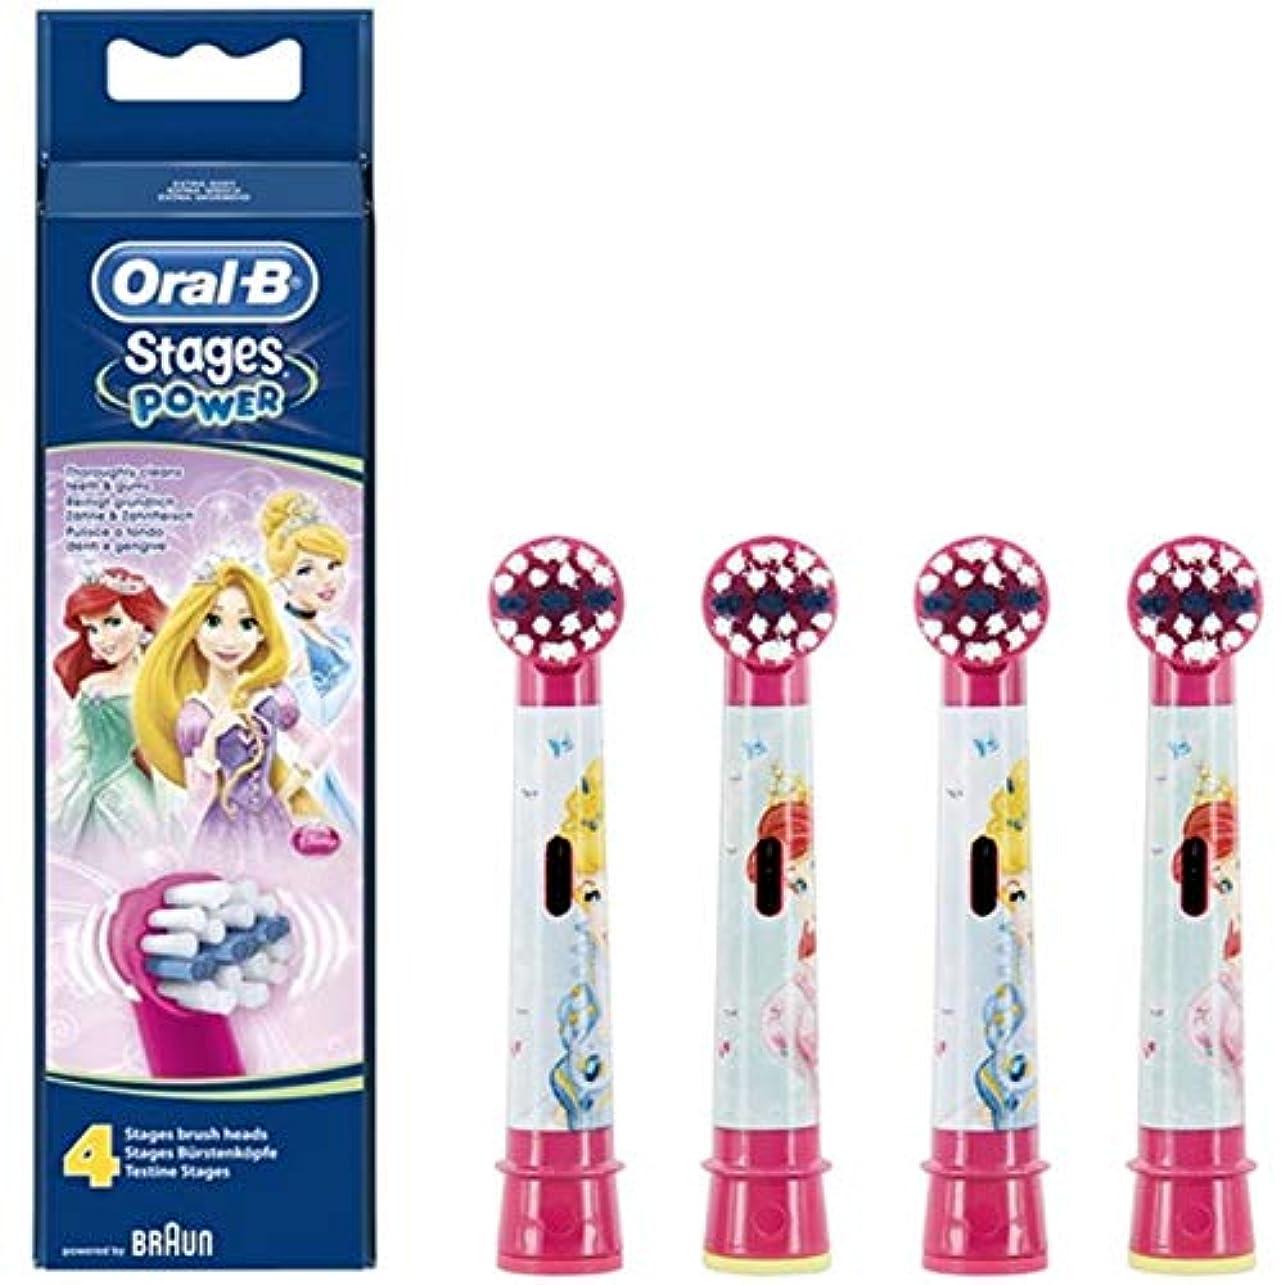 多数の達成するキリンブラウン オーラルB 電動歯ブラシ 子供用 EB10-4K すみずみクリーンキッズ やわらかめ 替ブラシ(4本) ピンク ディズニープリンセス [並行輸入品]